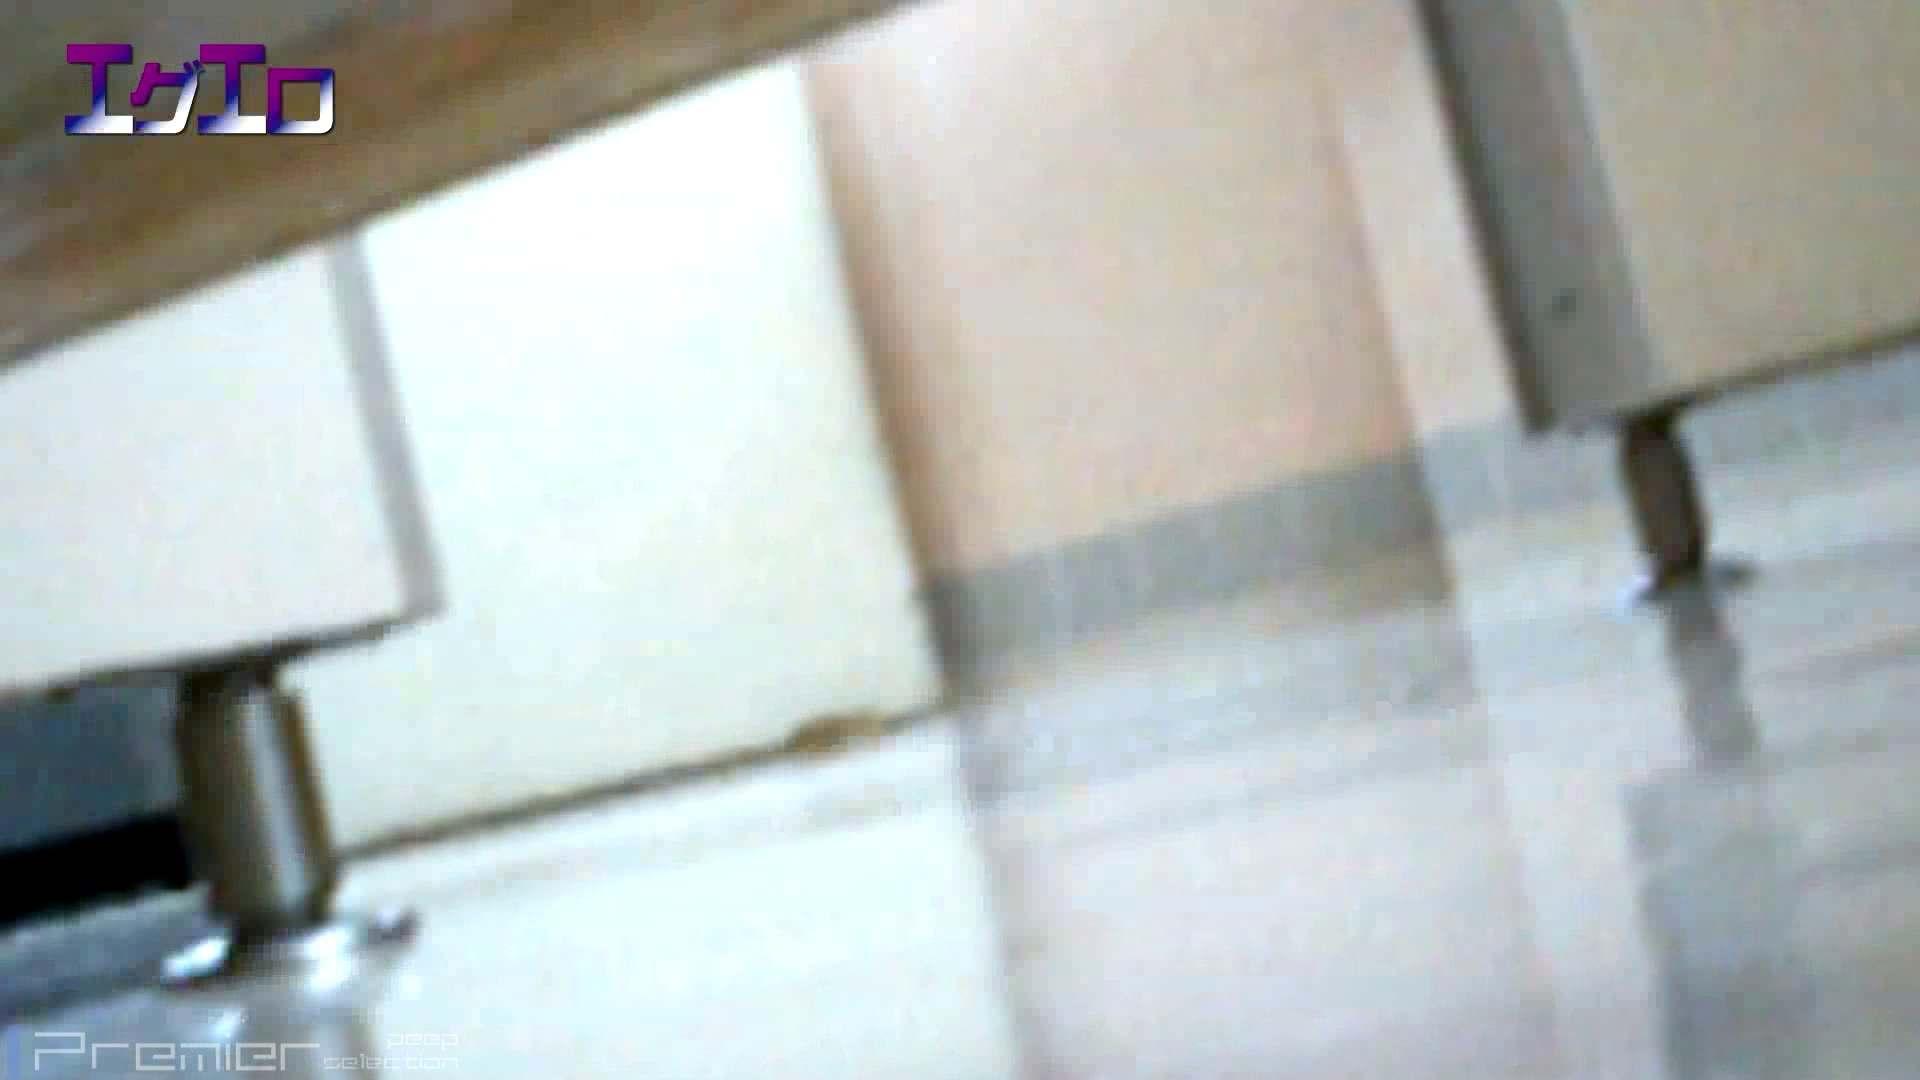 至近距離洗面所 Vol.07 ニーハイソックスに狙いを定めて 洗面所のぞき AV無料動画キャプチャ 111枚 103